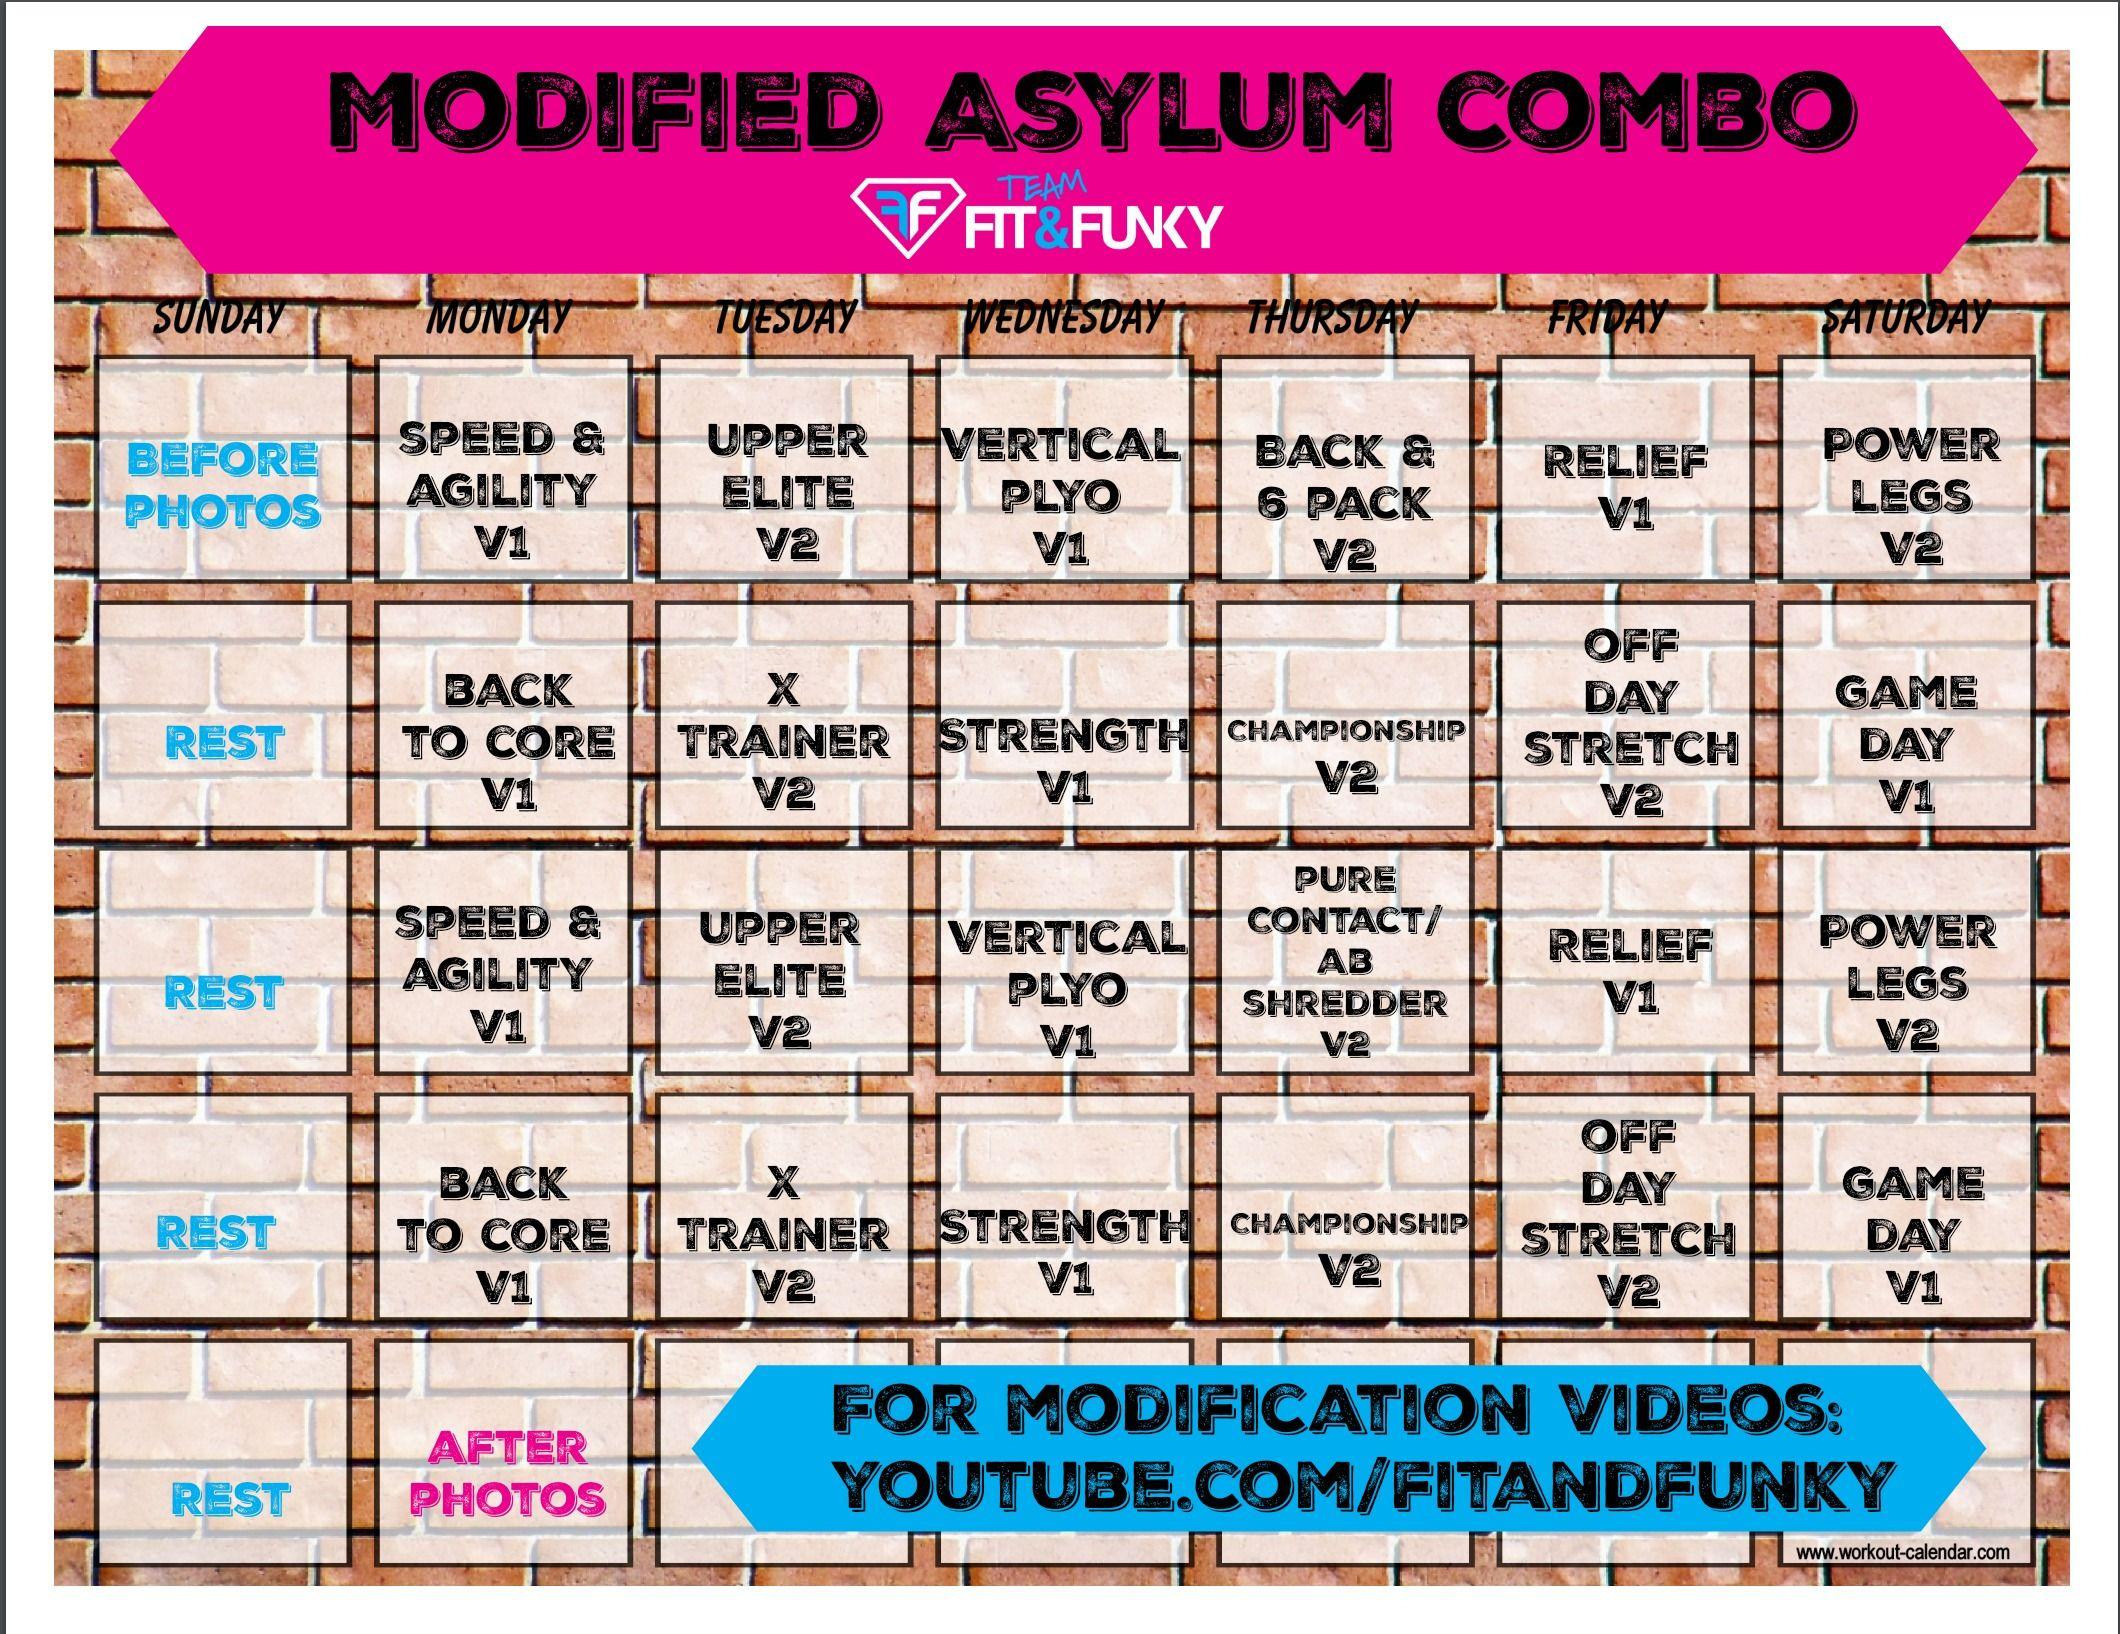 Modified Asylum Combo Workout Calendar | Workout Calendar Regarding Slim And 6 Workout Plan Calender Edit